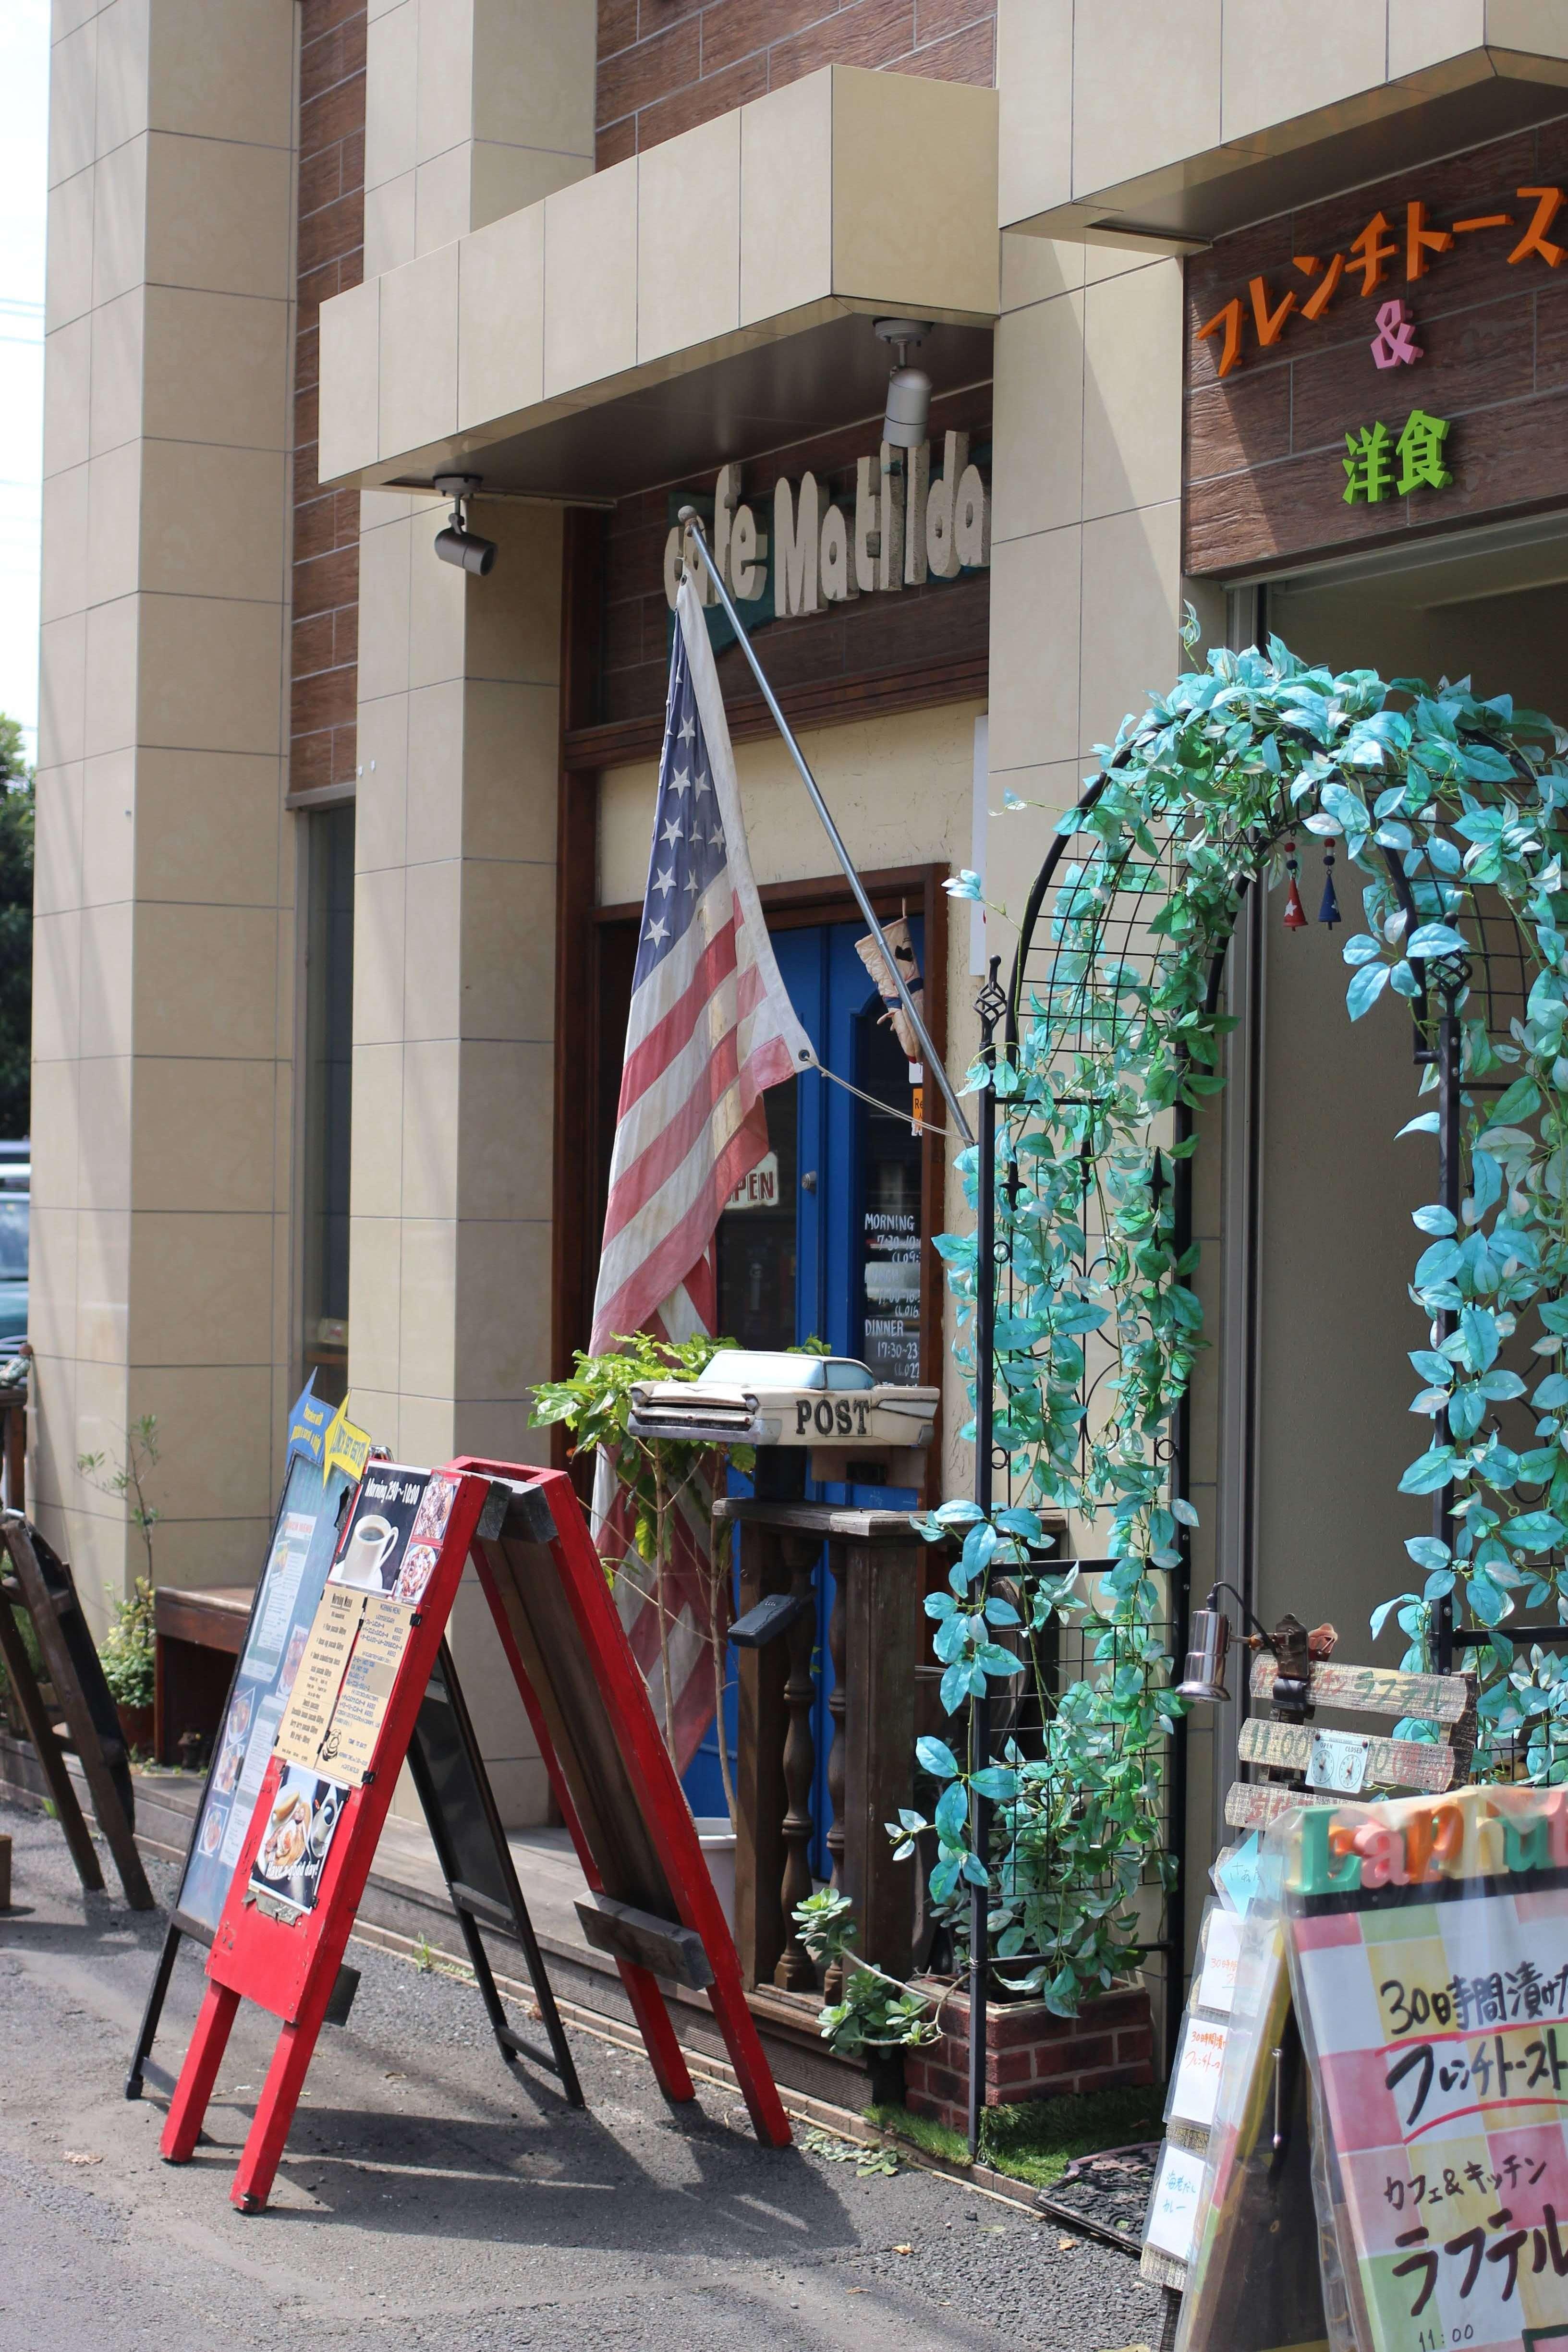 Cafe Matilda exterior